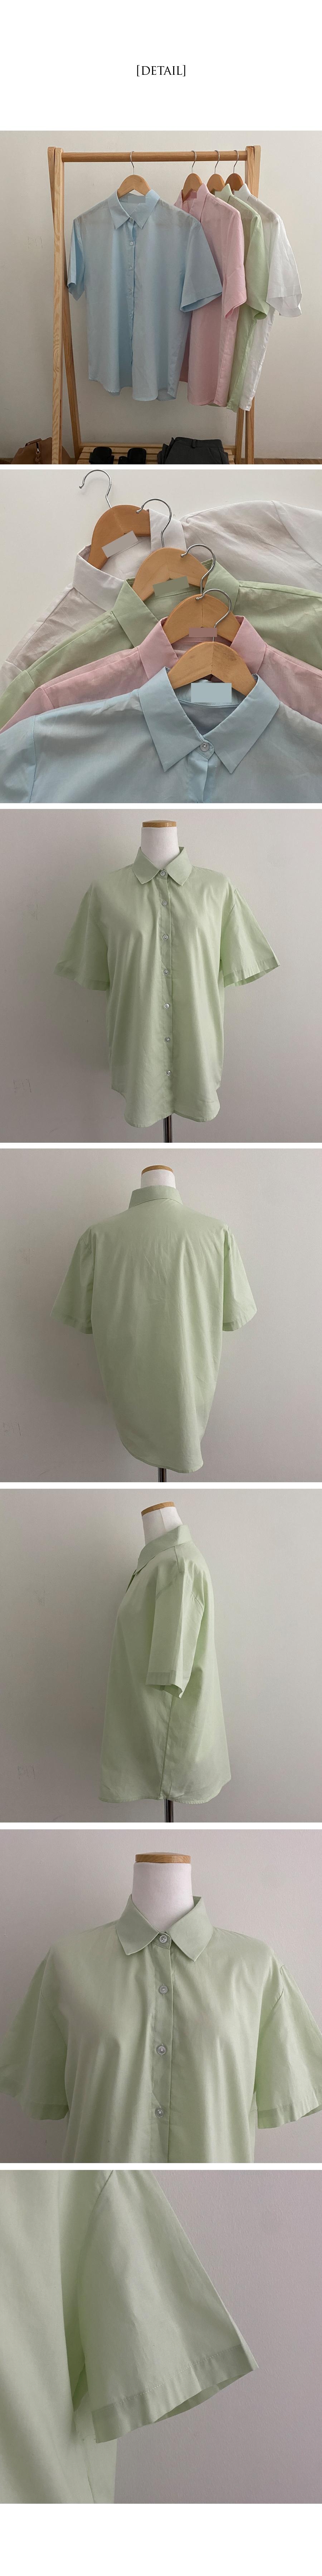 Pio Basic Short Sleeve Shirt Shirt